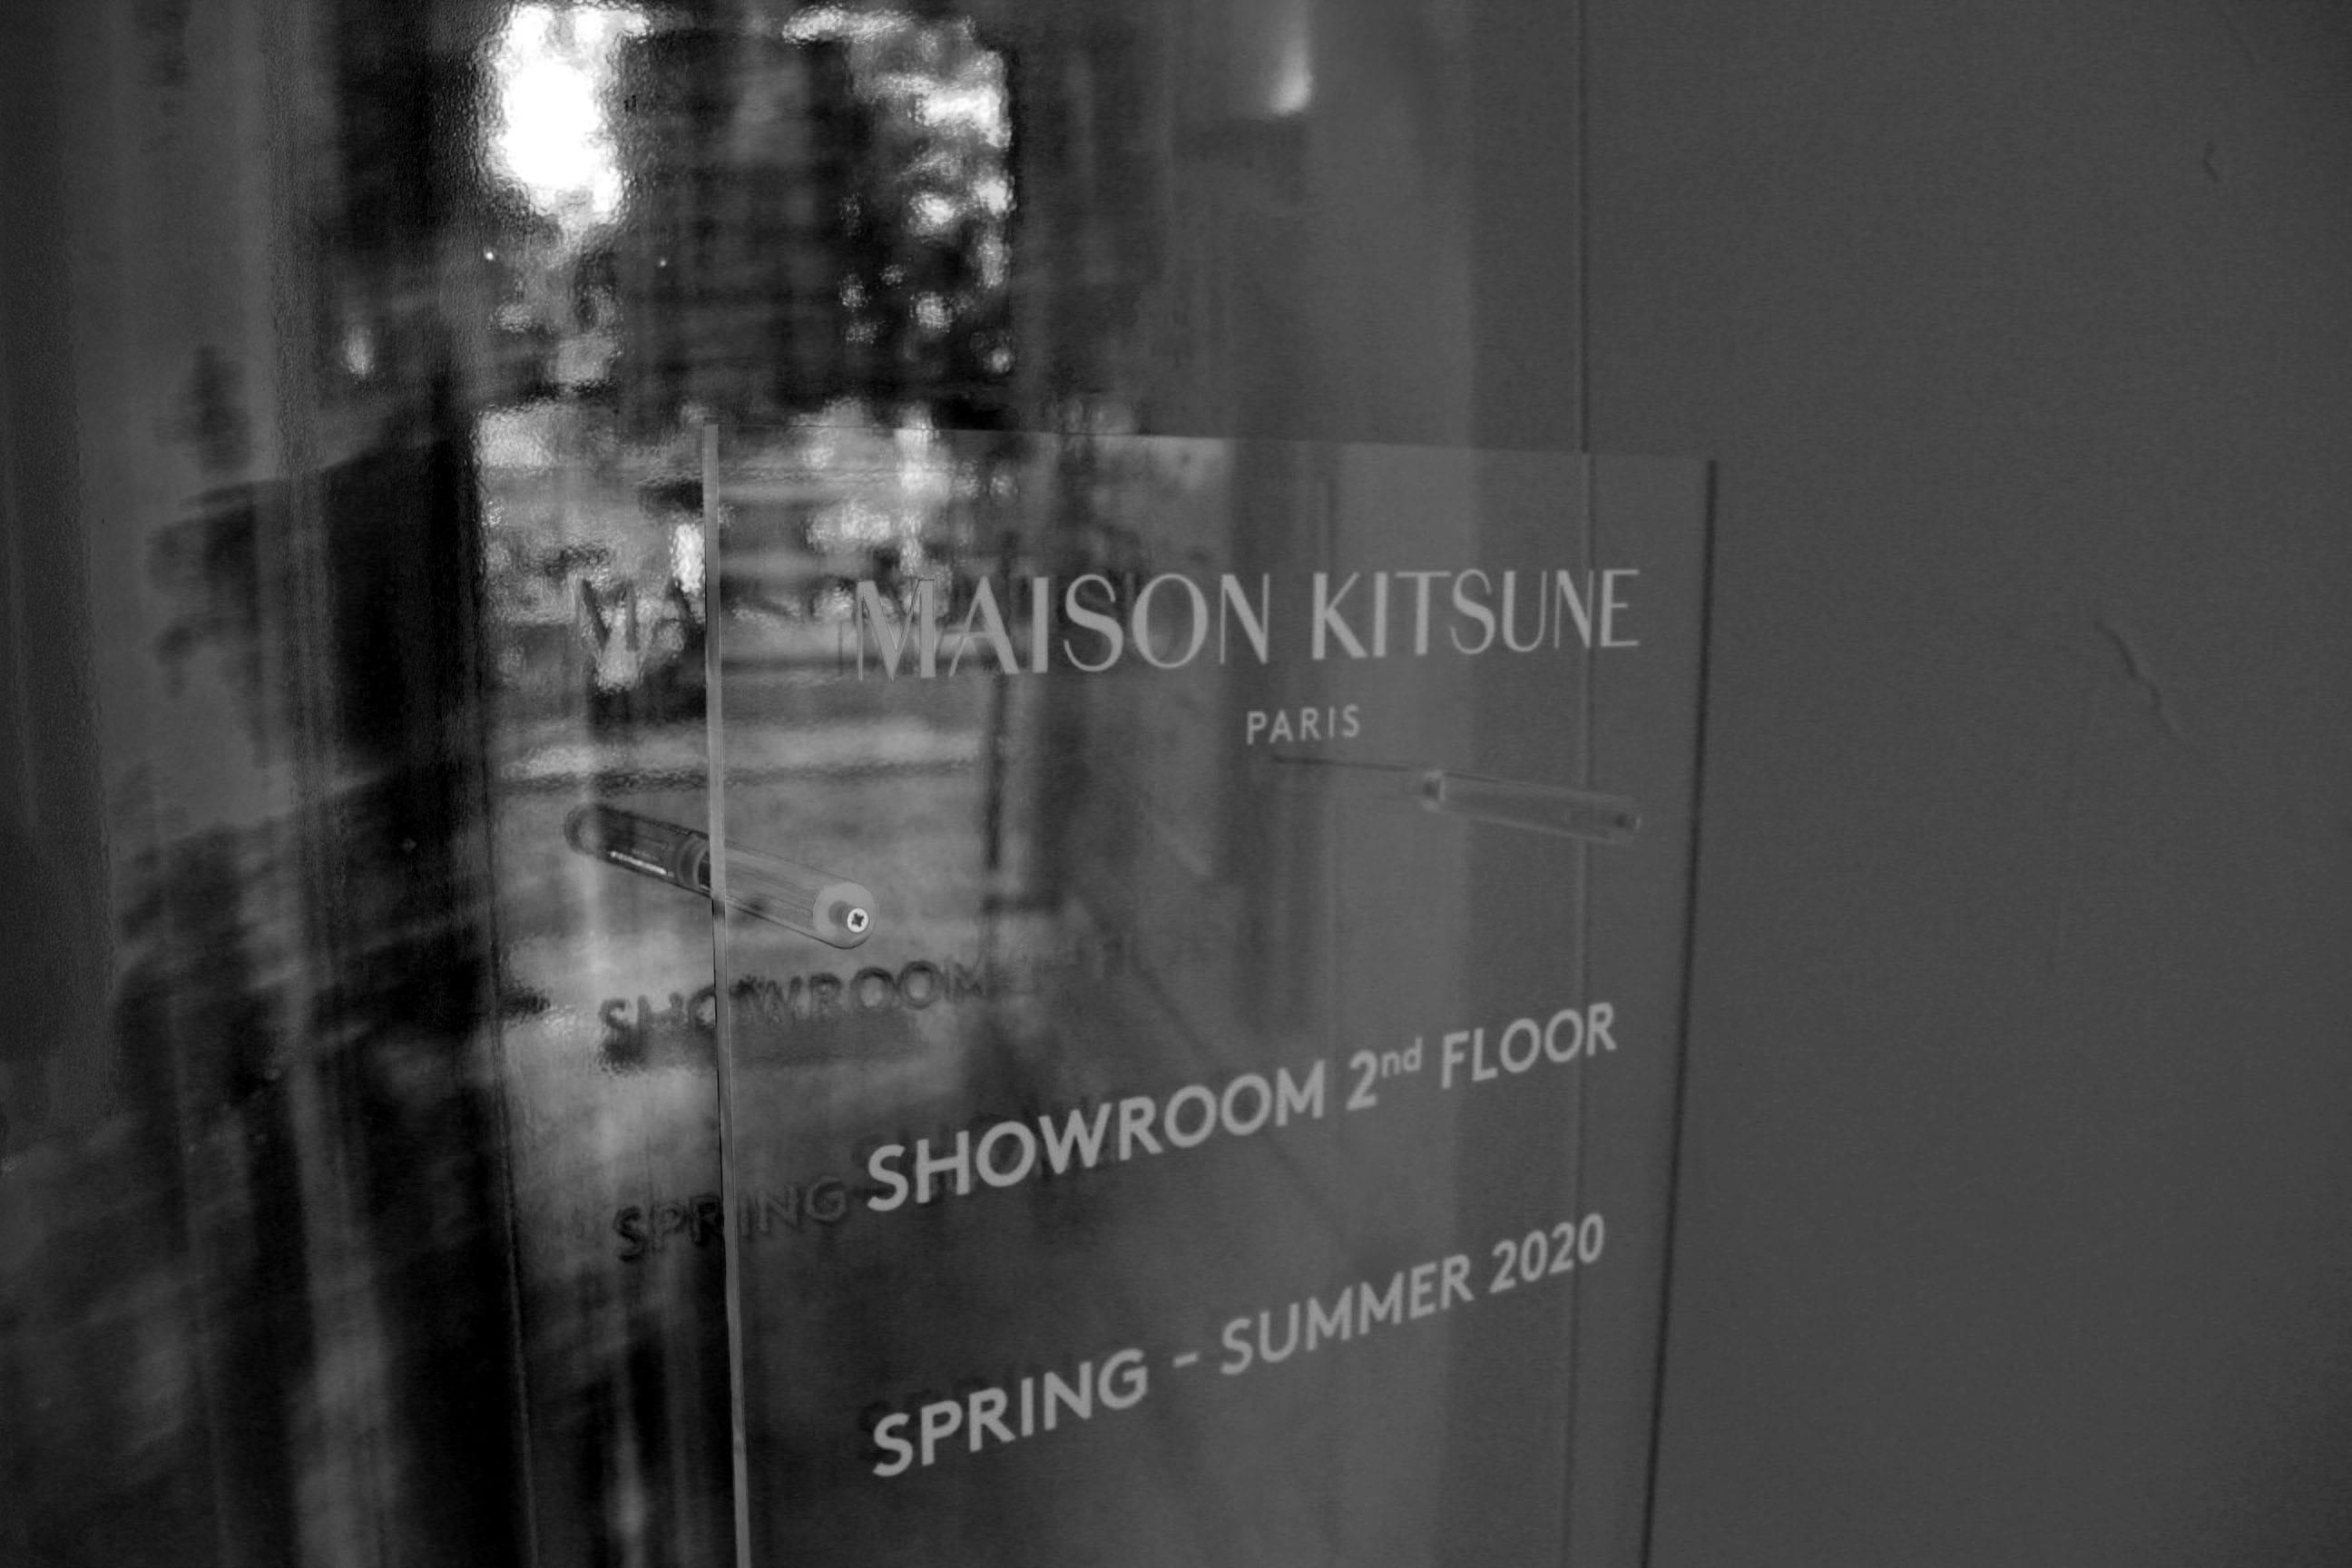 Inside the Maison building